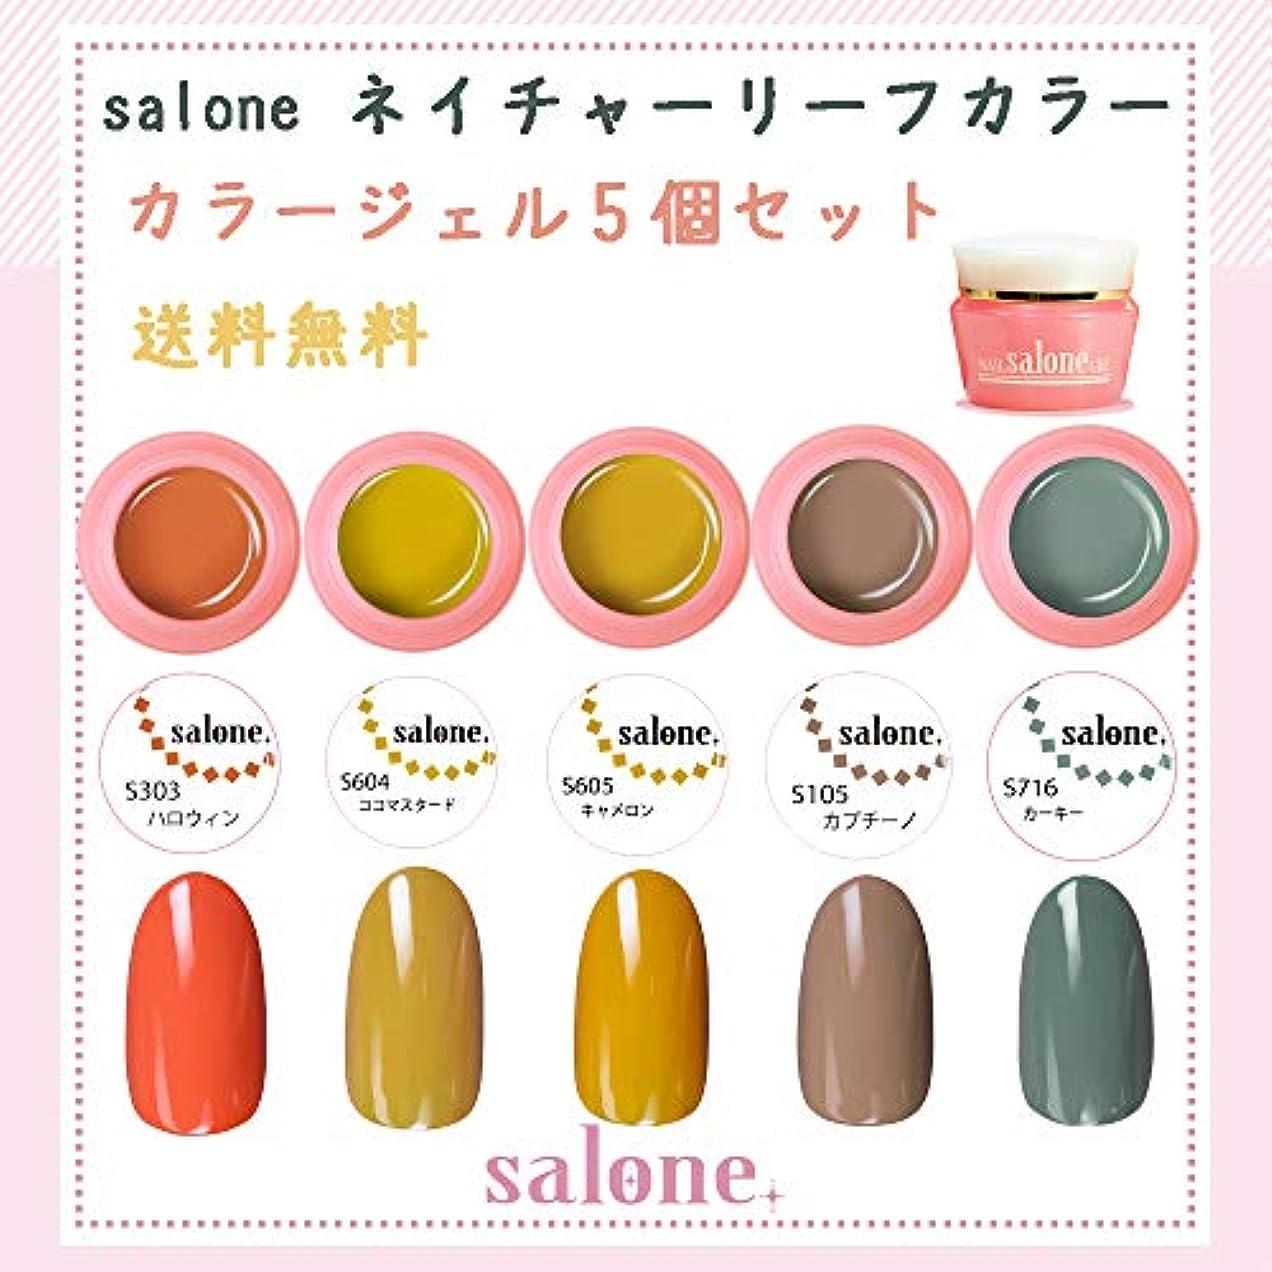 以前は古代全体【送料無料 日本製】Salone ネイチャーリーフカラージェル5個セット ボタニカルでネイチャーなカラーをチョイス。